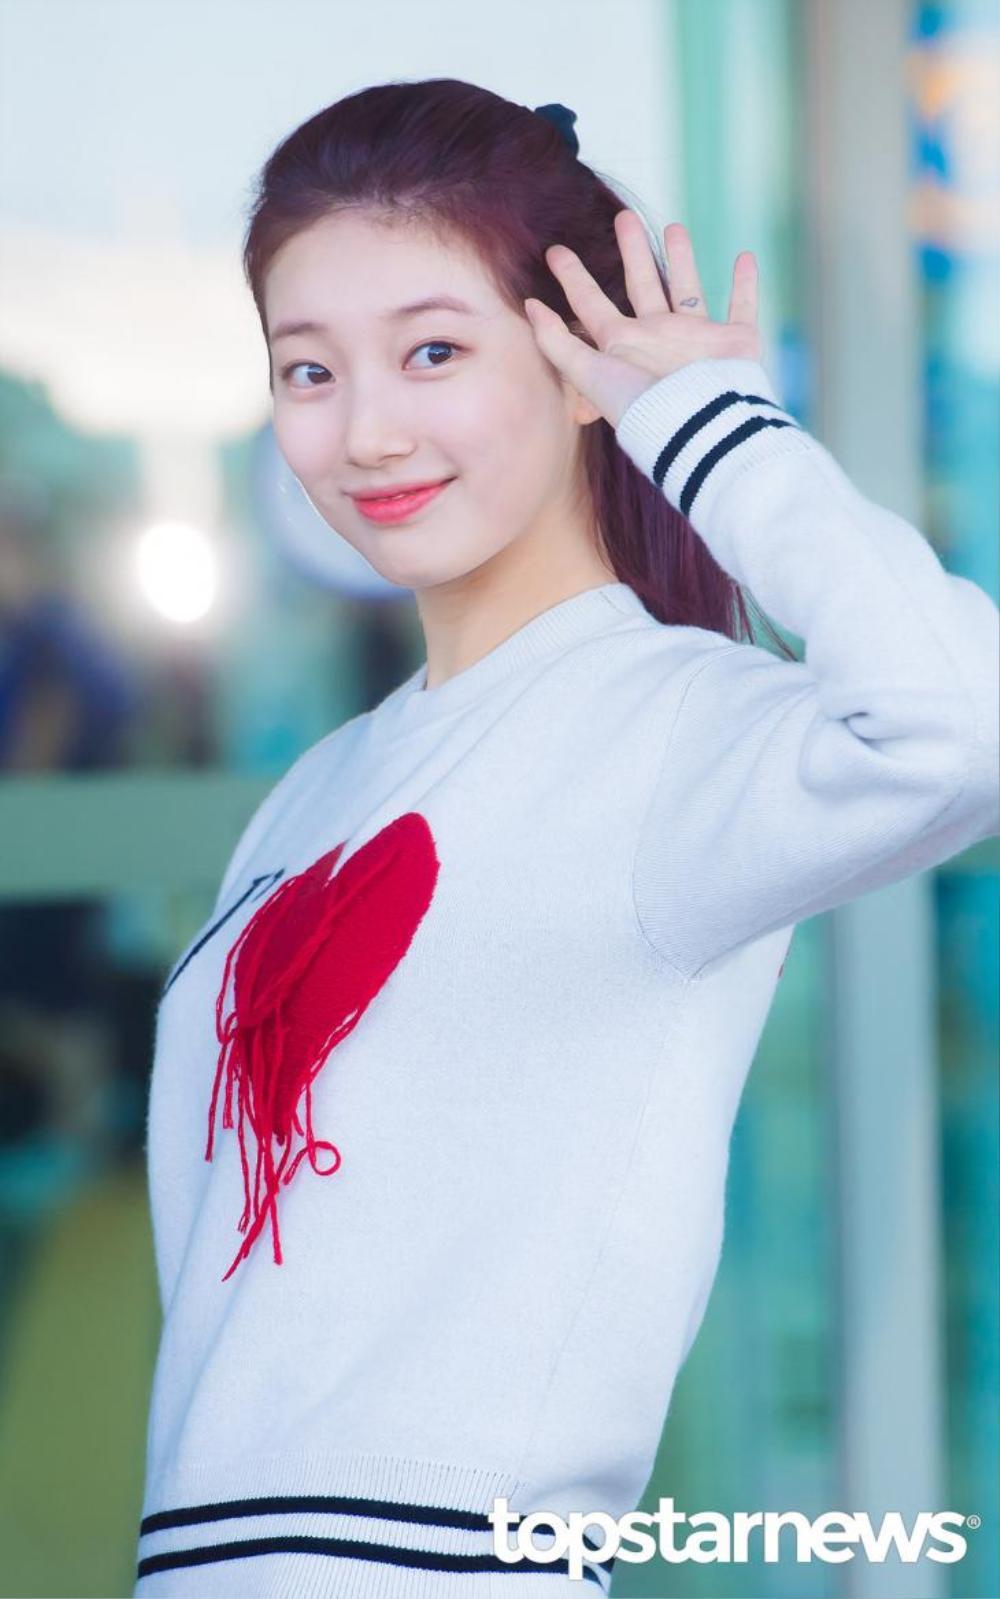 Sau Park Seo Joon - Song Joong Ki, Suzy và Park Ji Hoon quyên góp 2 tỷ đồng cho nạn nhân lũ lụt ở Hàn Ảnh 5